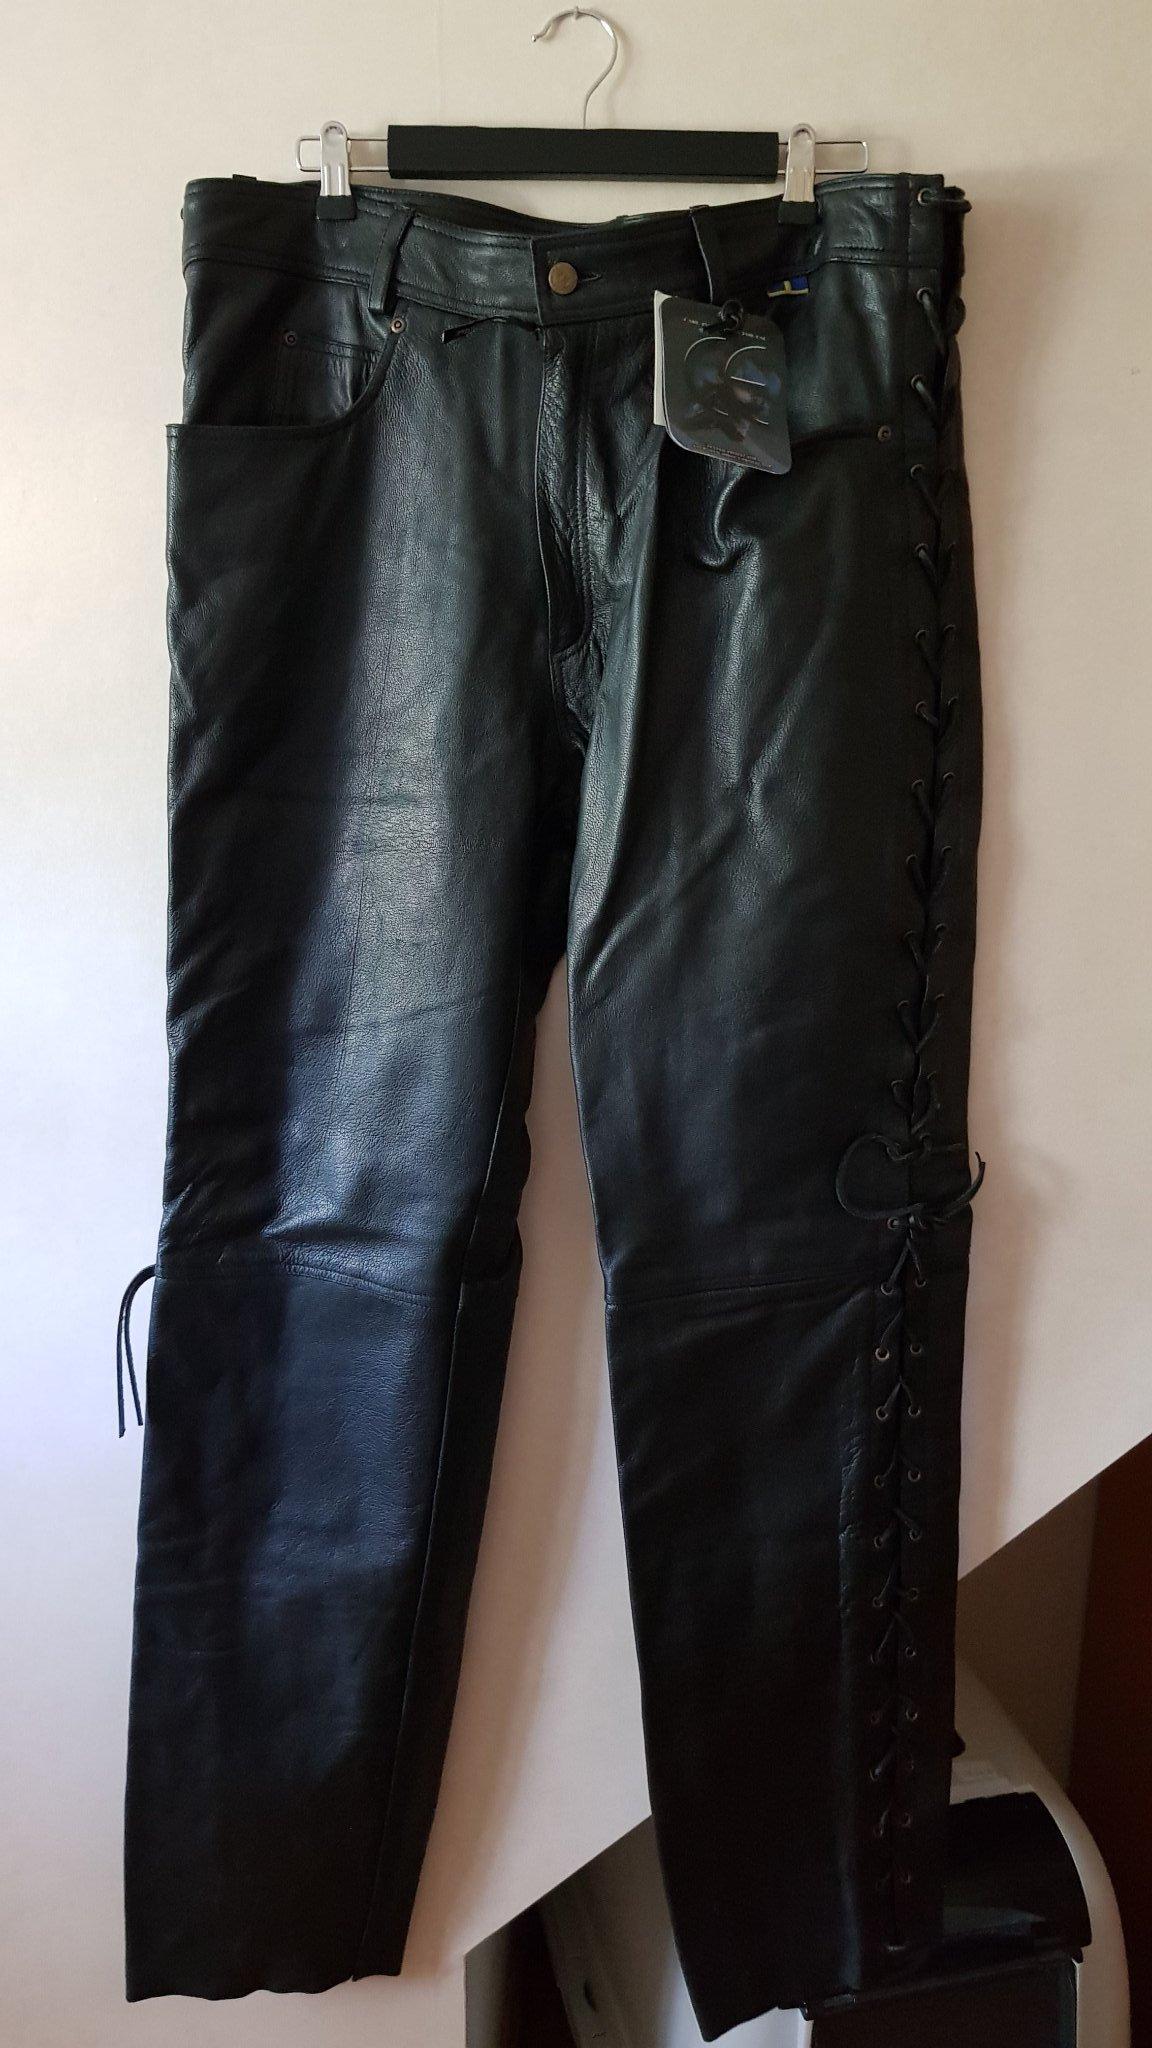 f52dccdc06db Nya svarta skinnbyxor i 40 tum (353607696) ᐈ Köp på Tradera